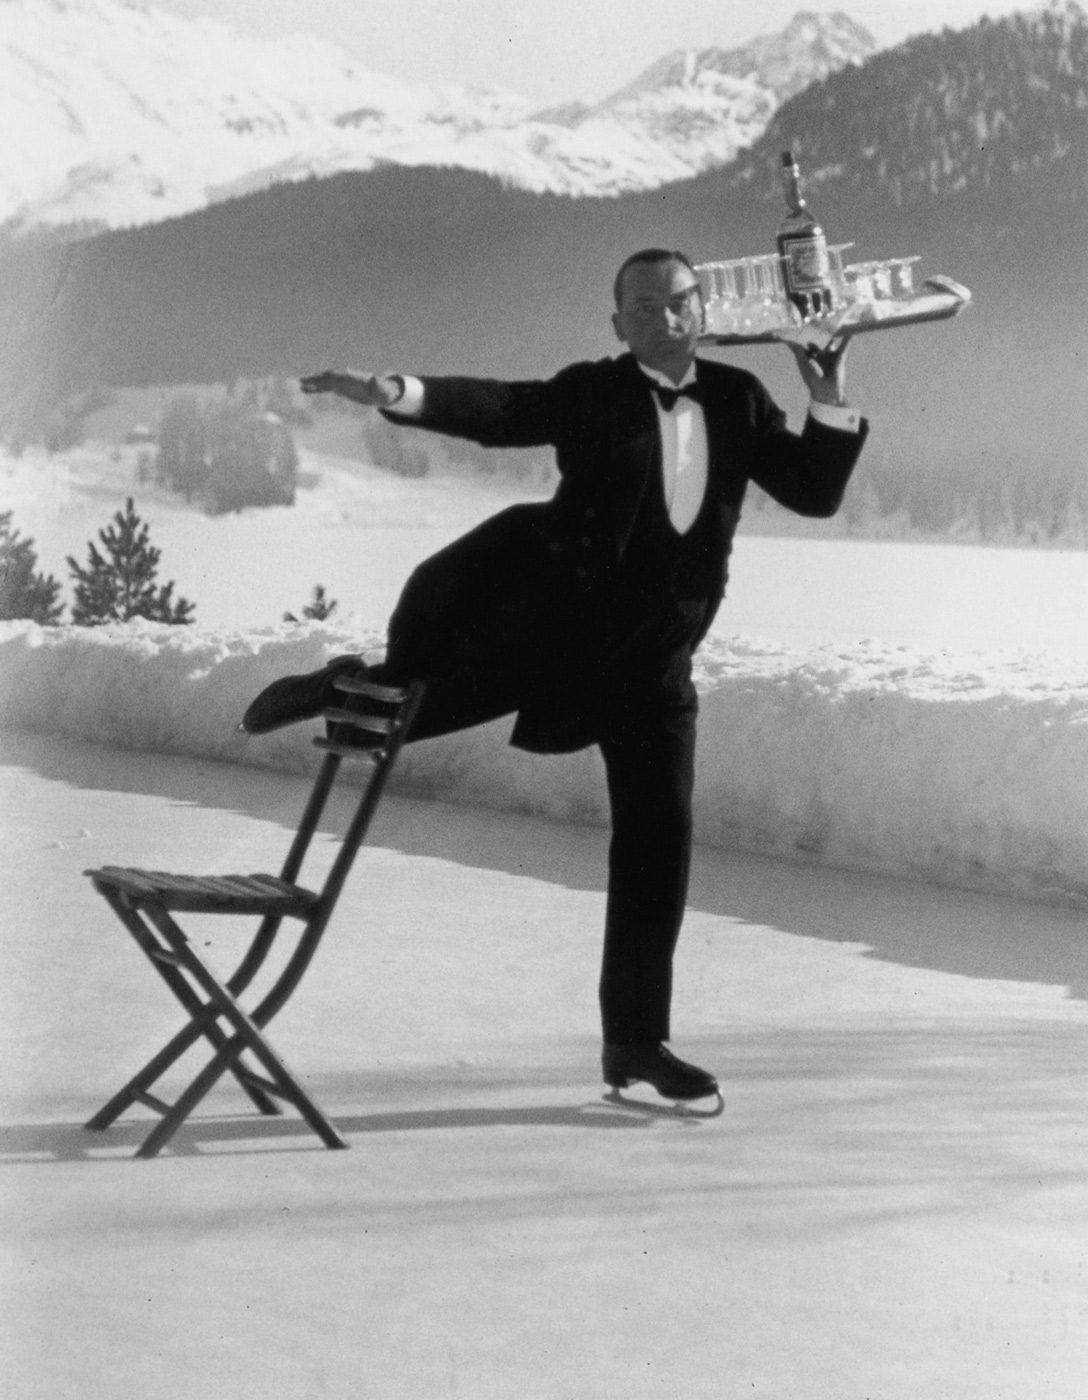 Ice Skating waiter, Grand Hotel St. Moritz